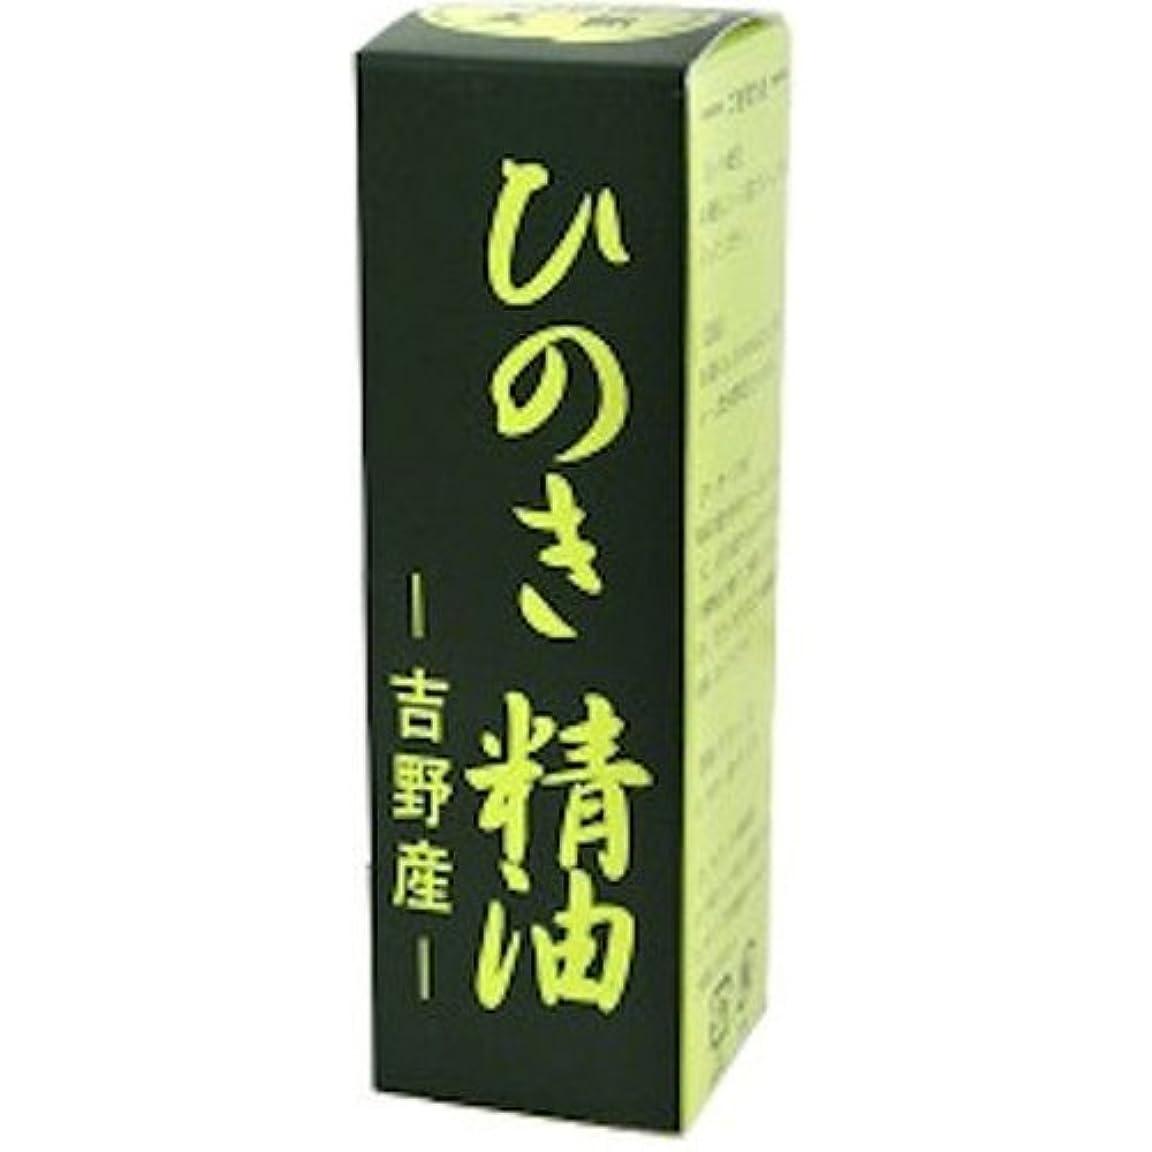 未知の前投薬行吉野ひのき精油(エッセンスオイル) 30ml